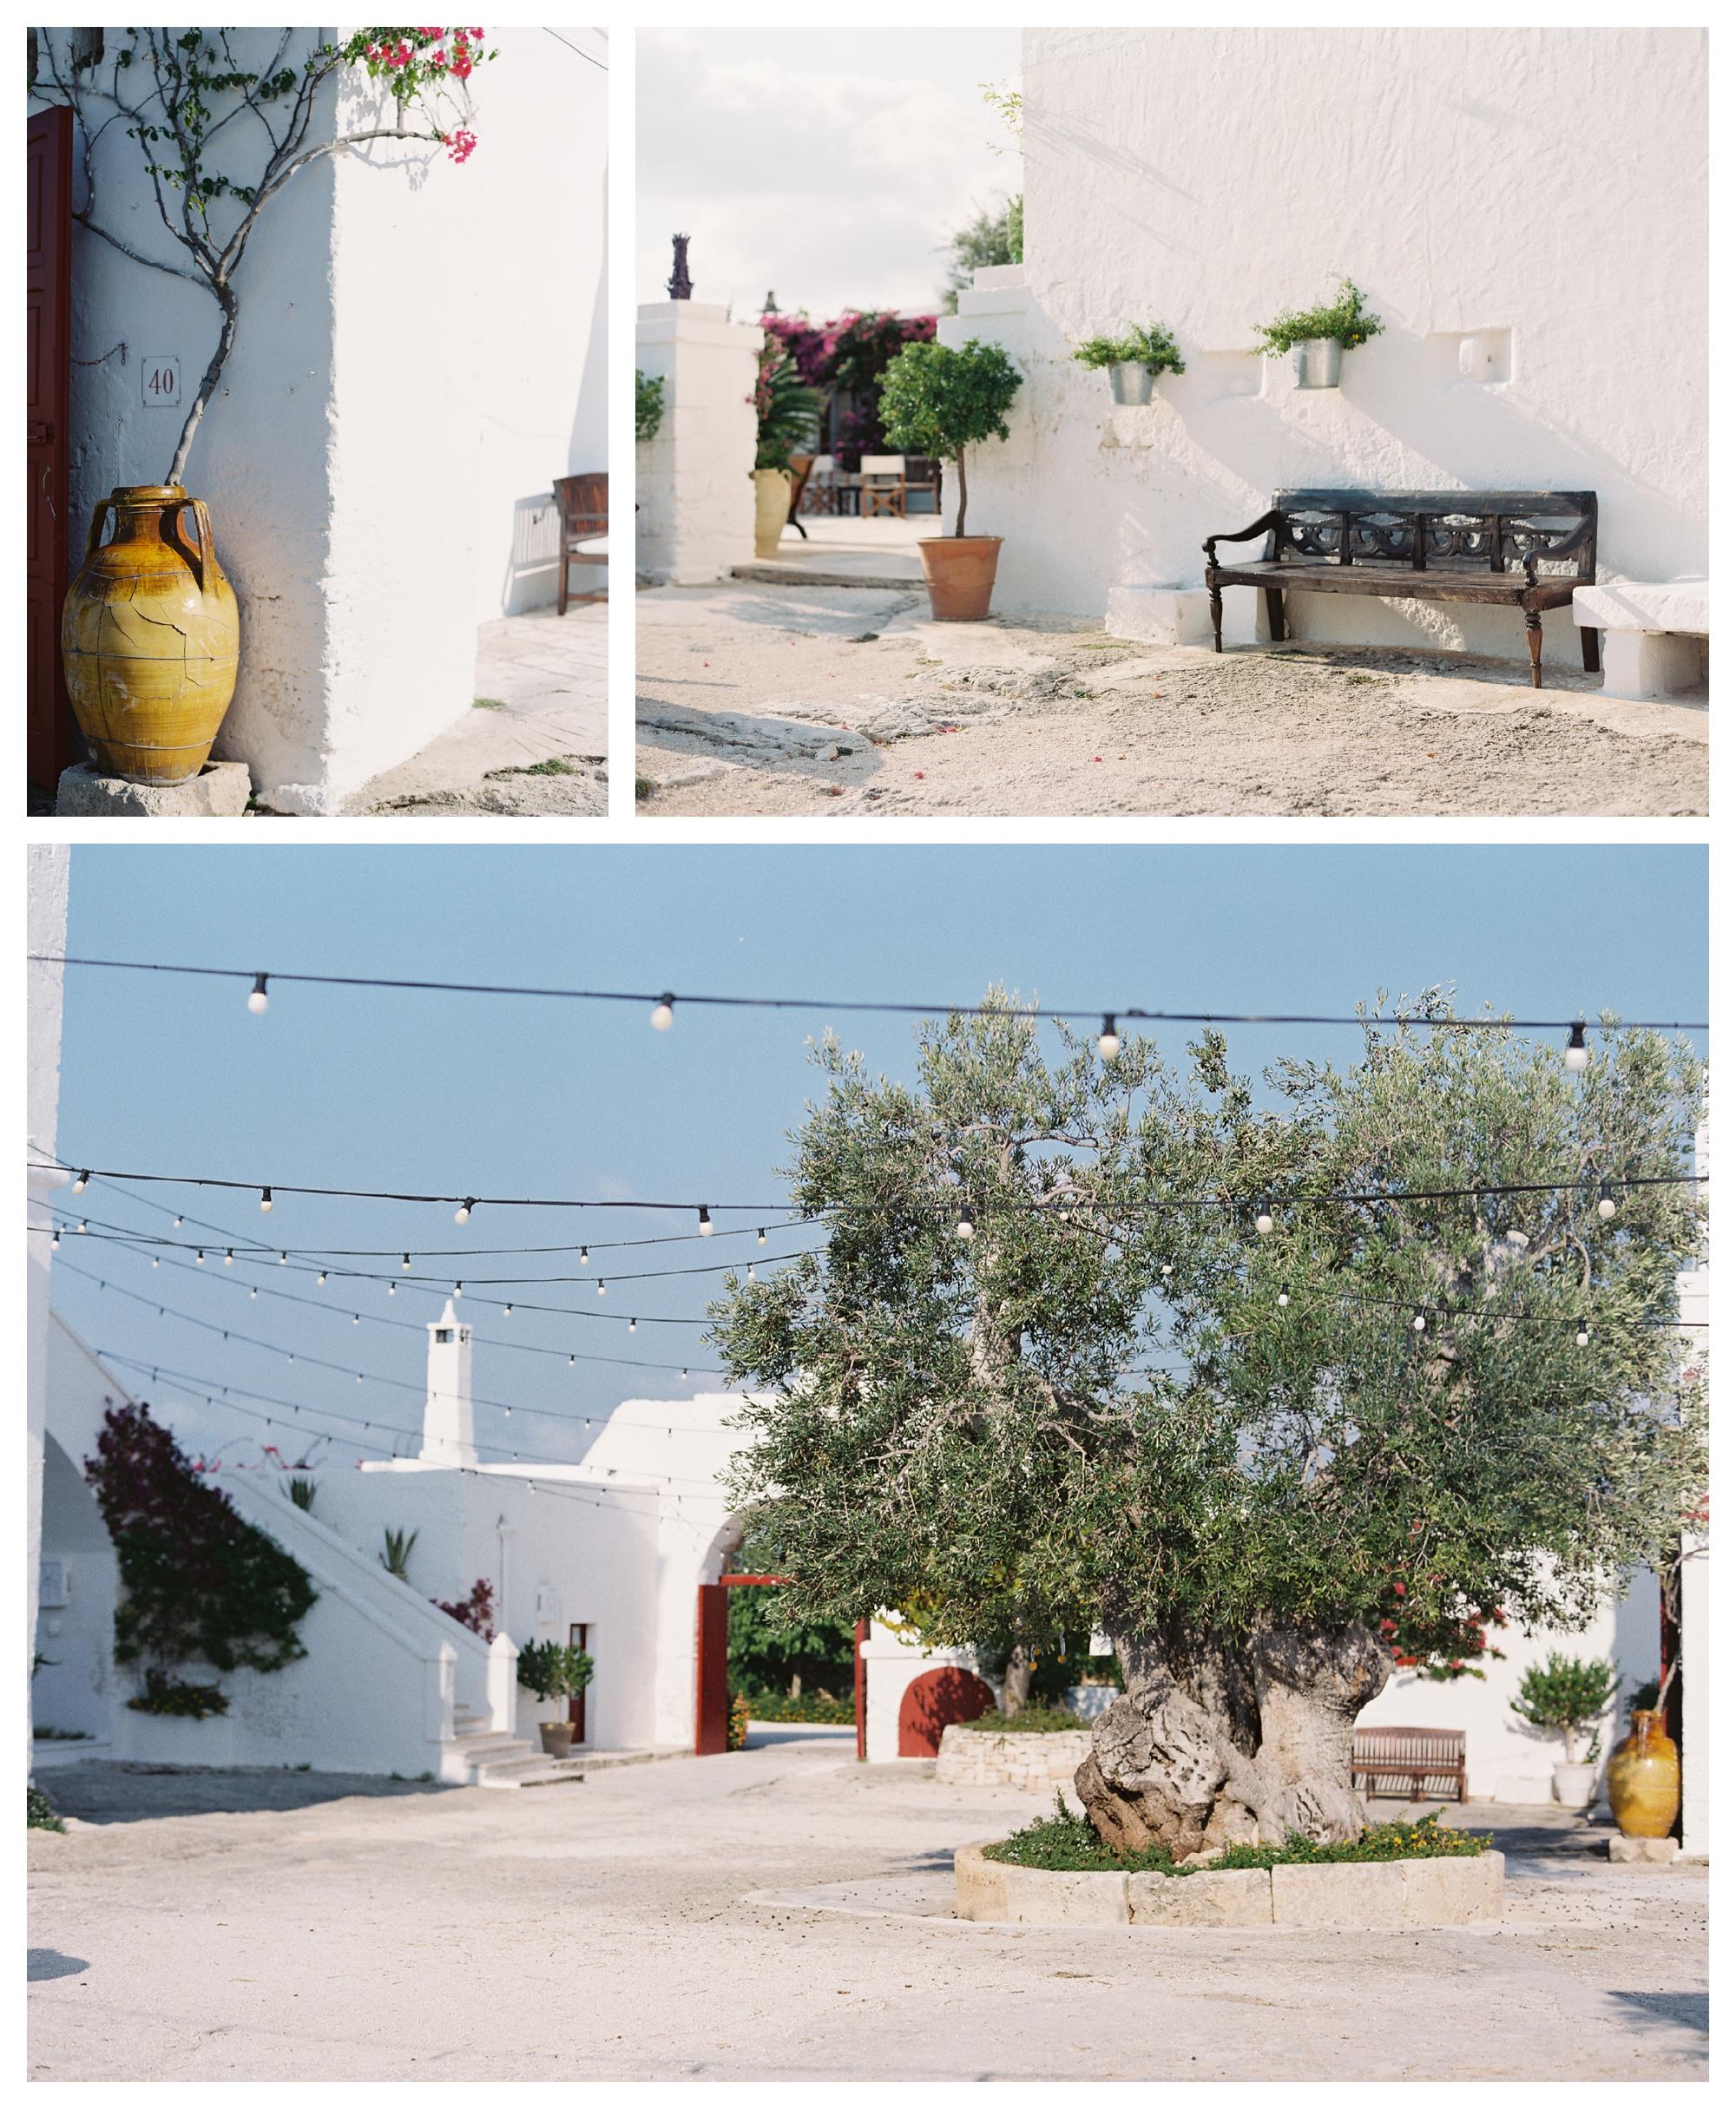 masseria torre coccaro, puglia wedding venue, italy wedding venue, masseria wedding